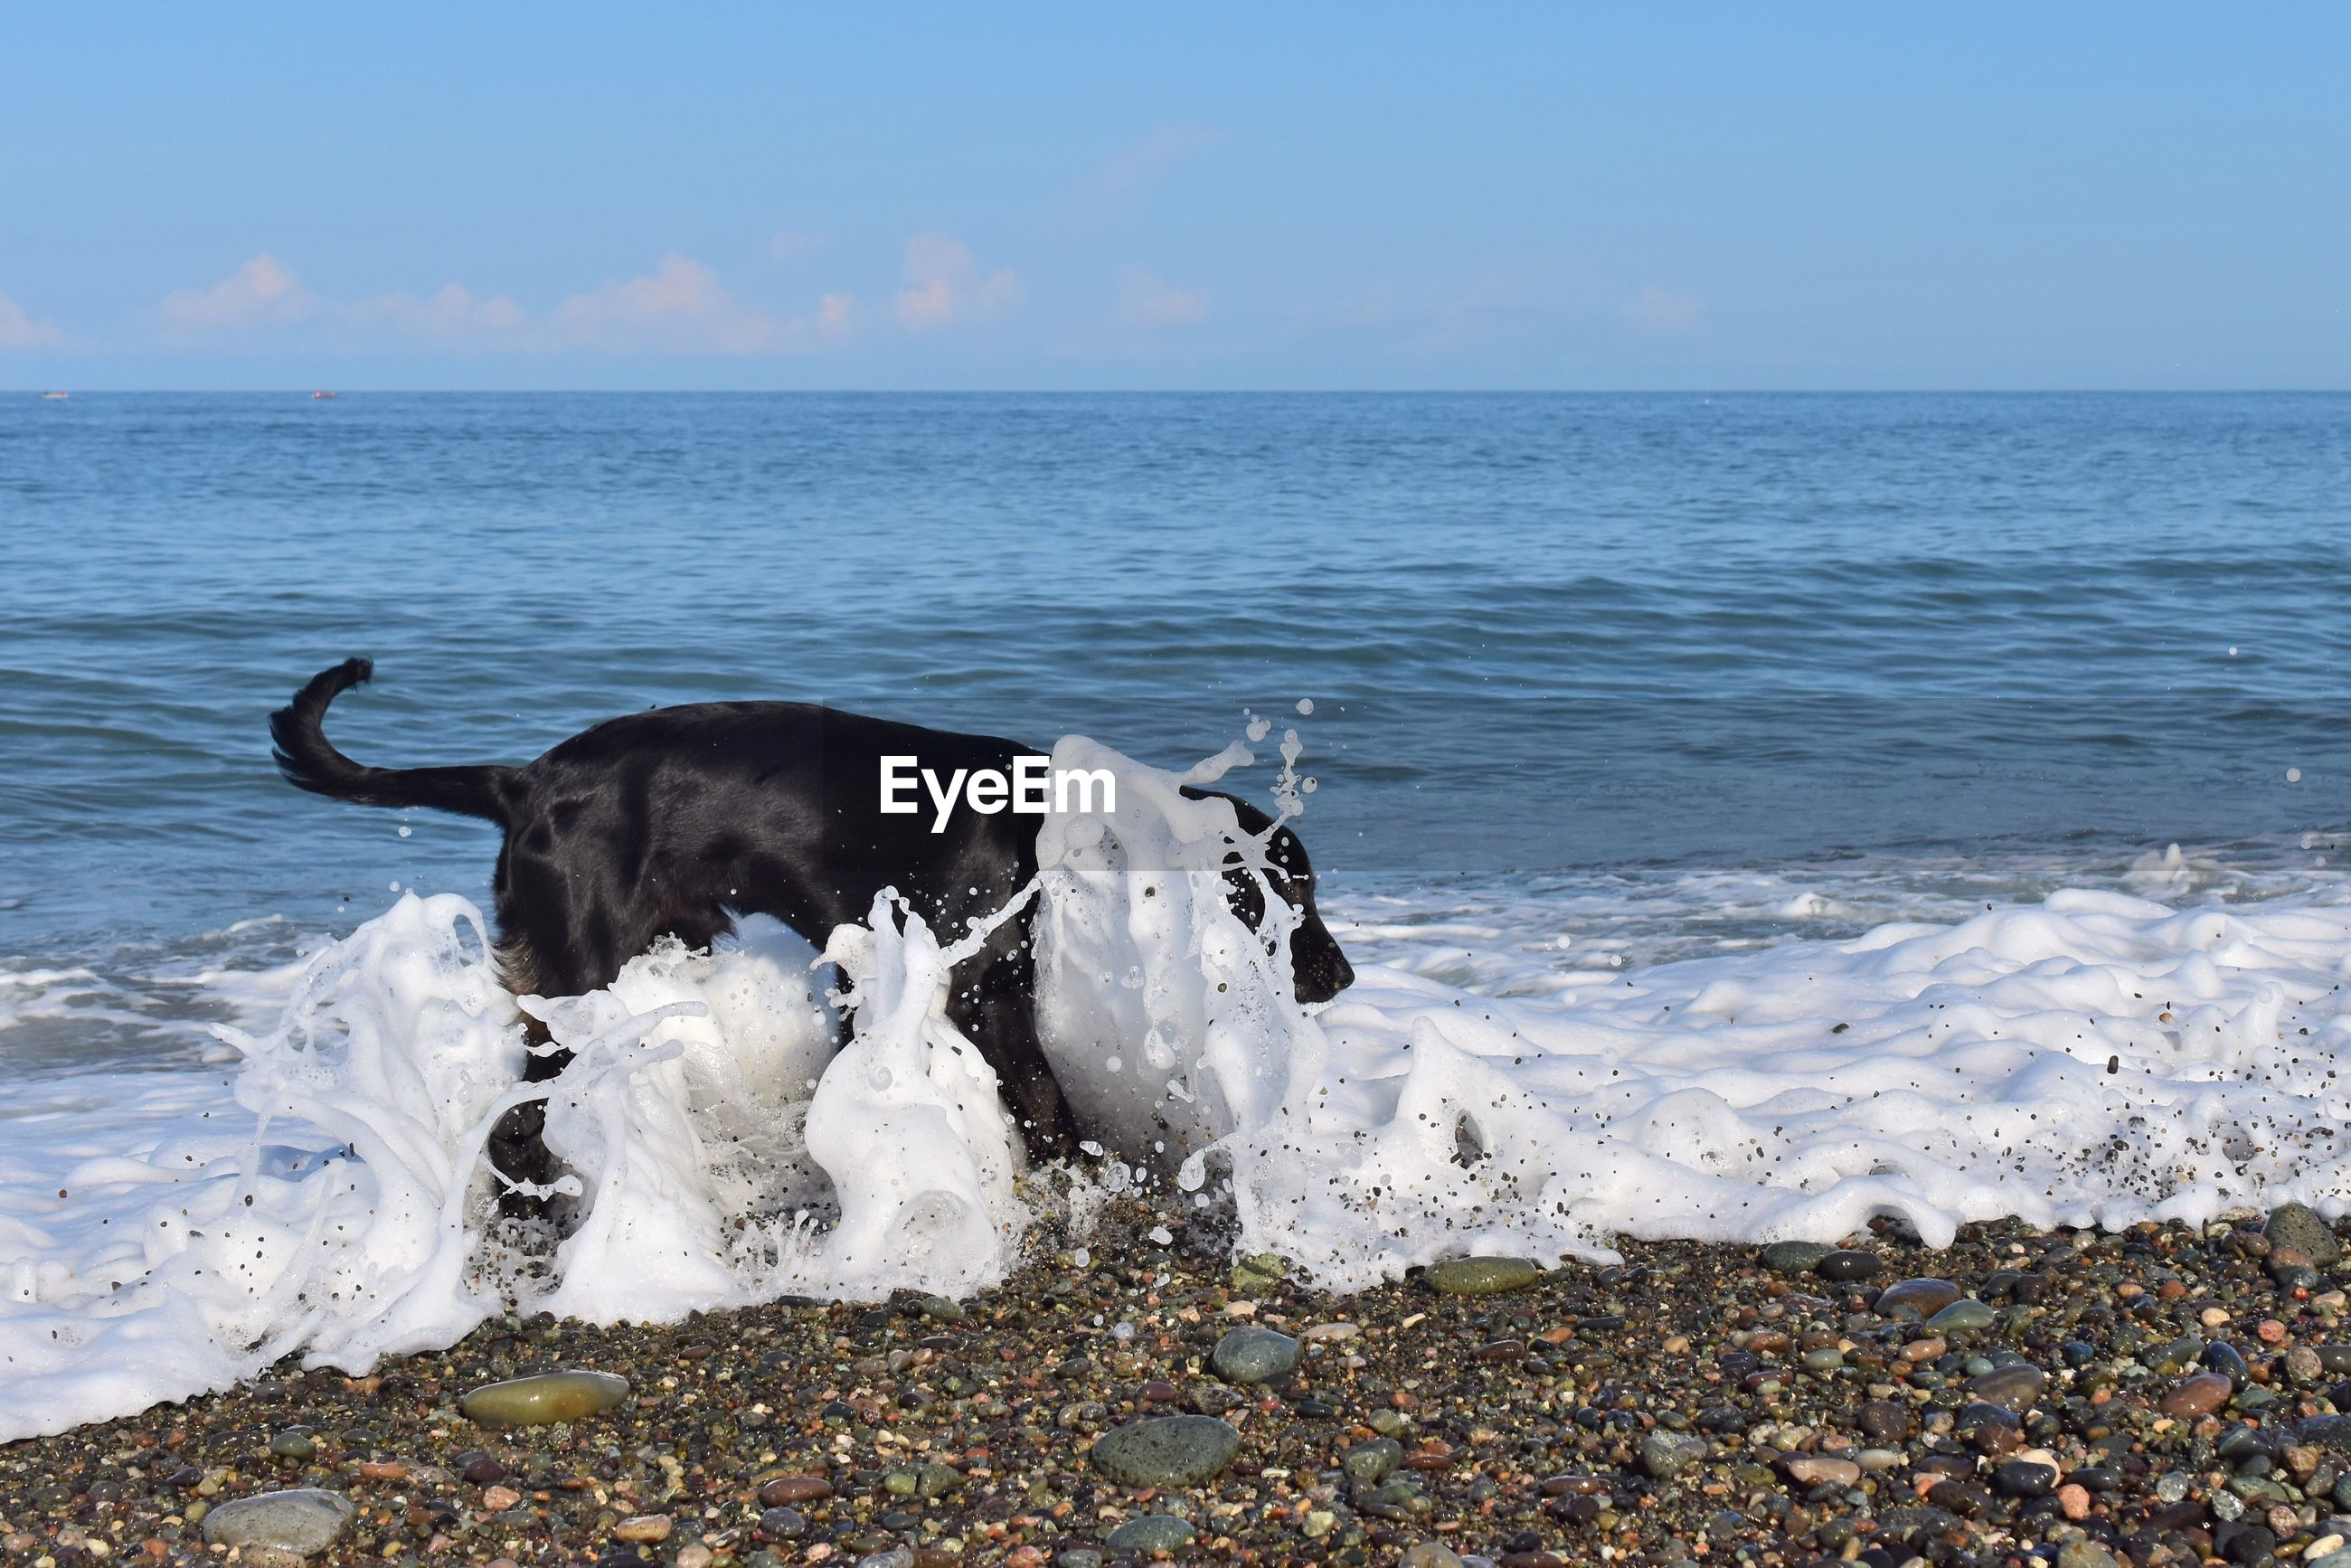 Waves splashing on dog at beach